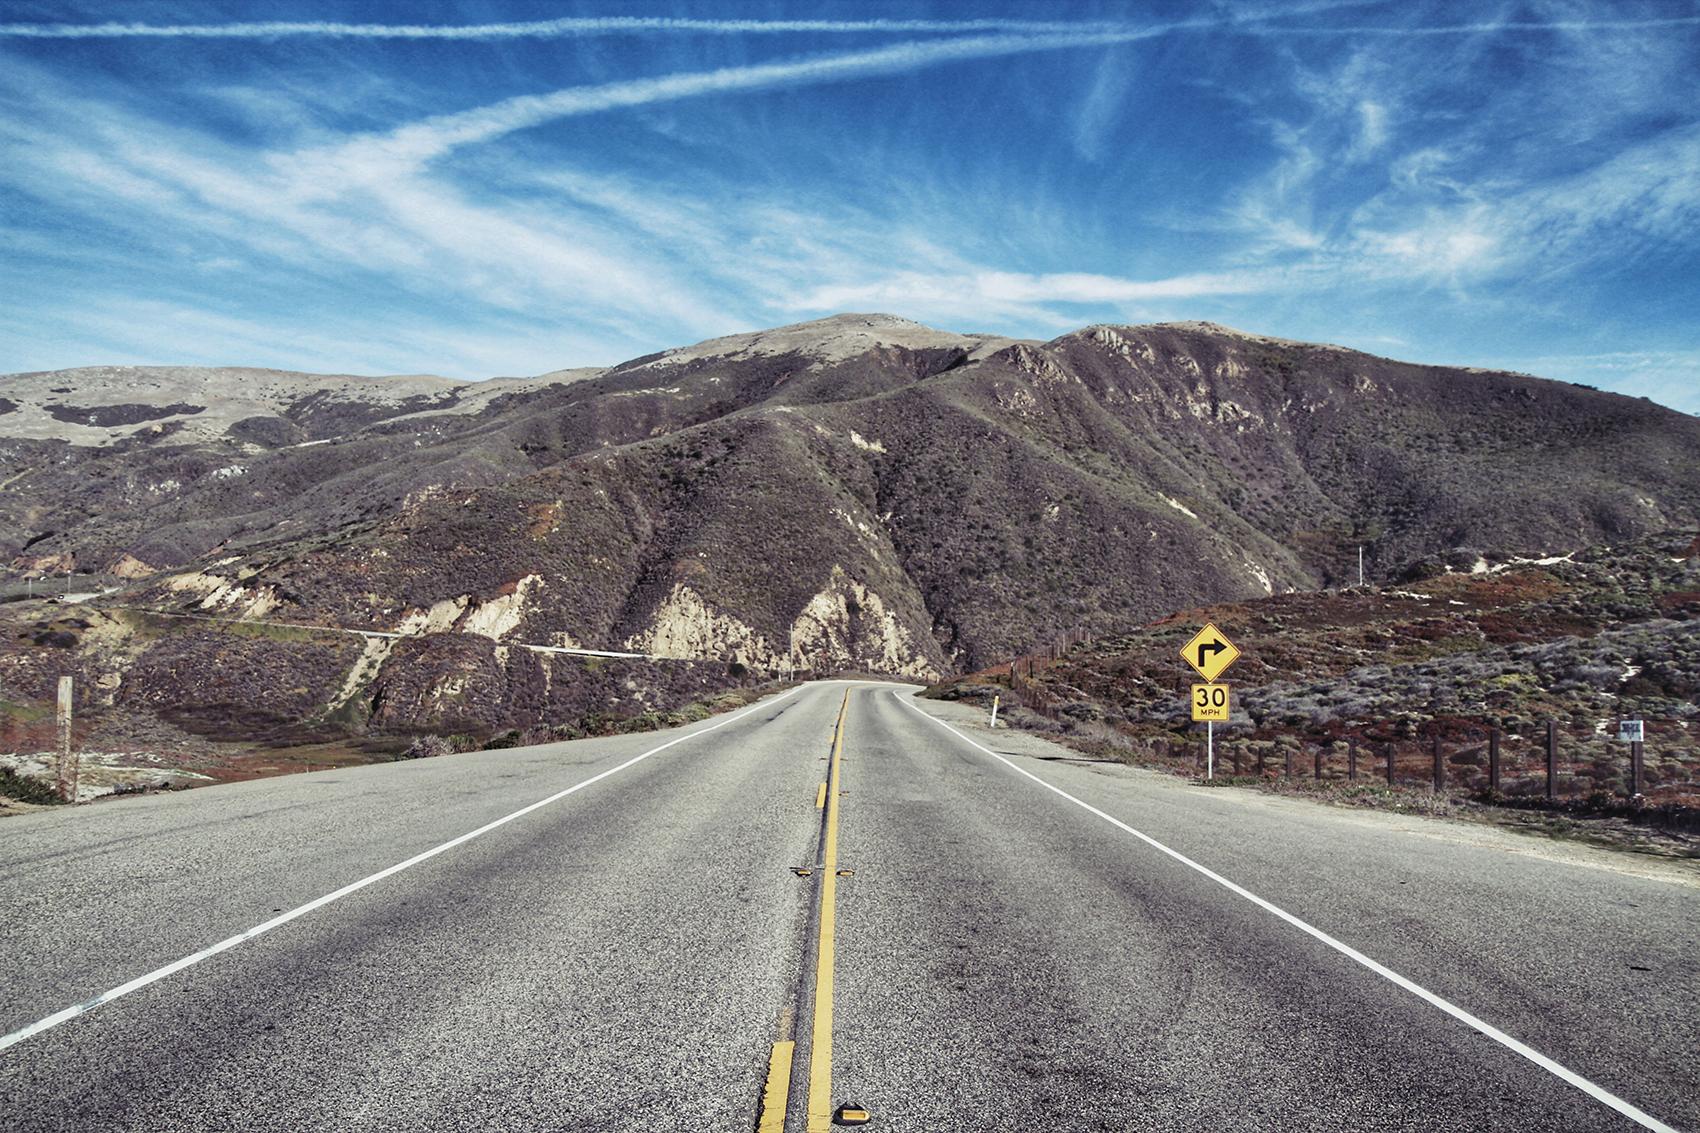 towards the mountains